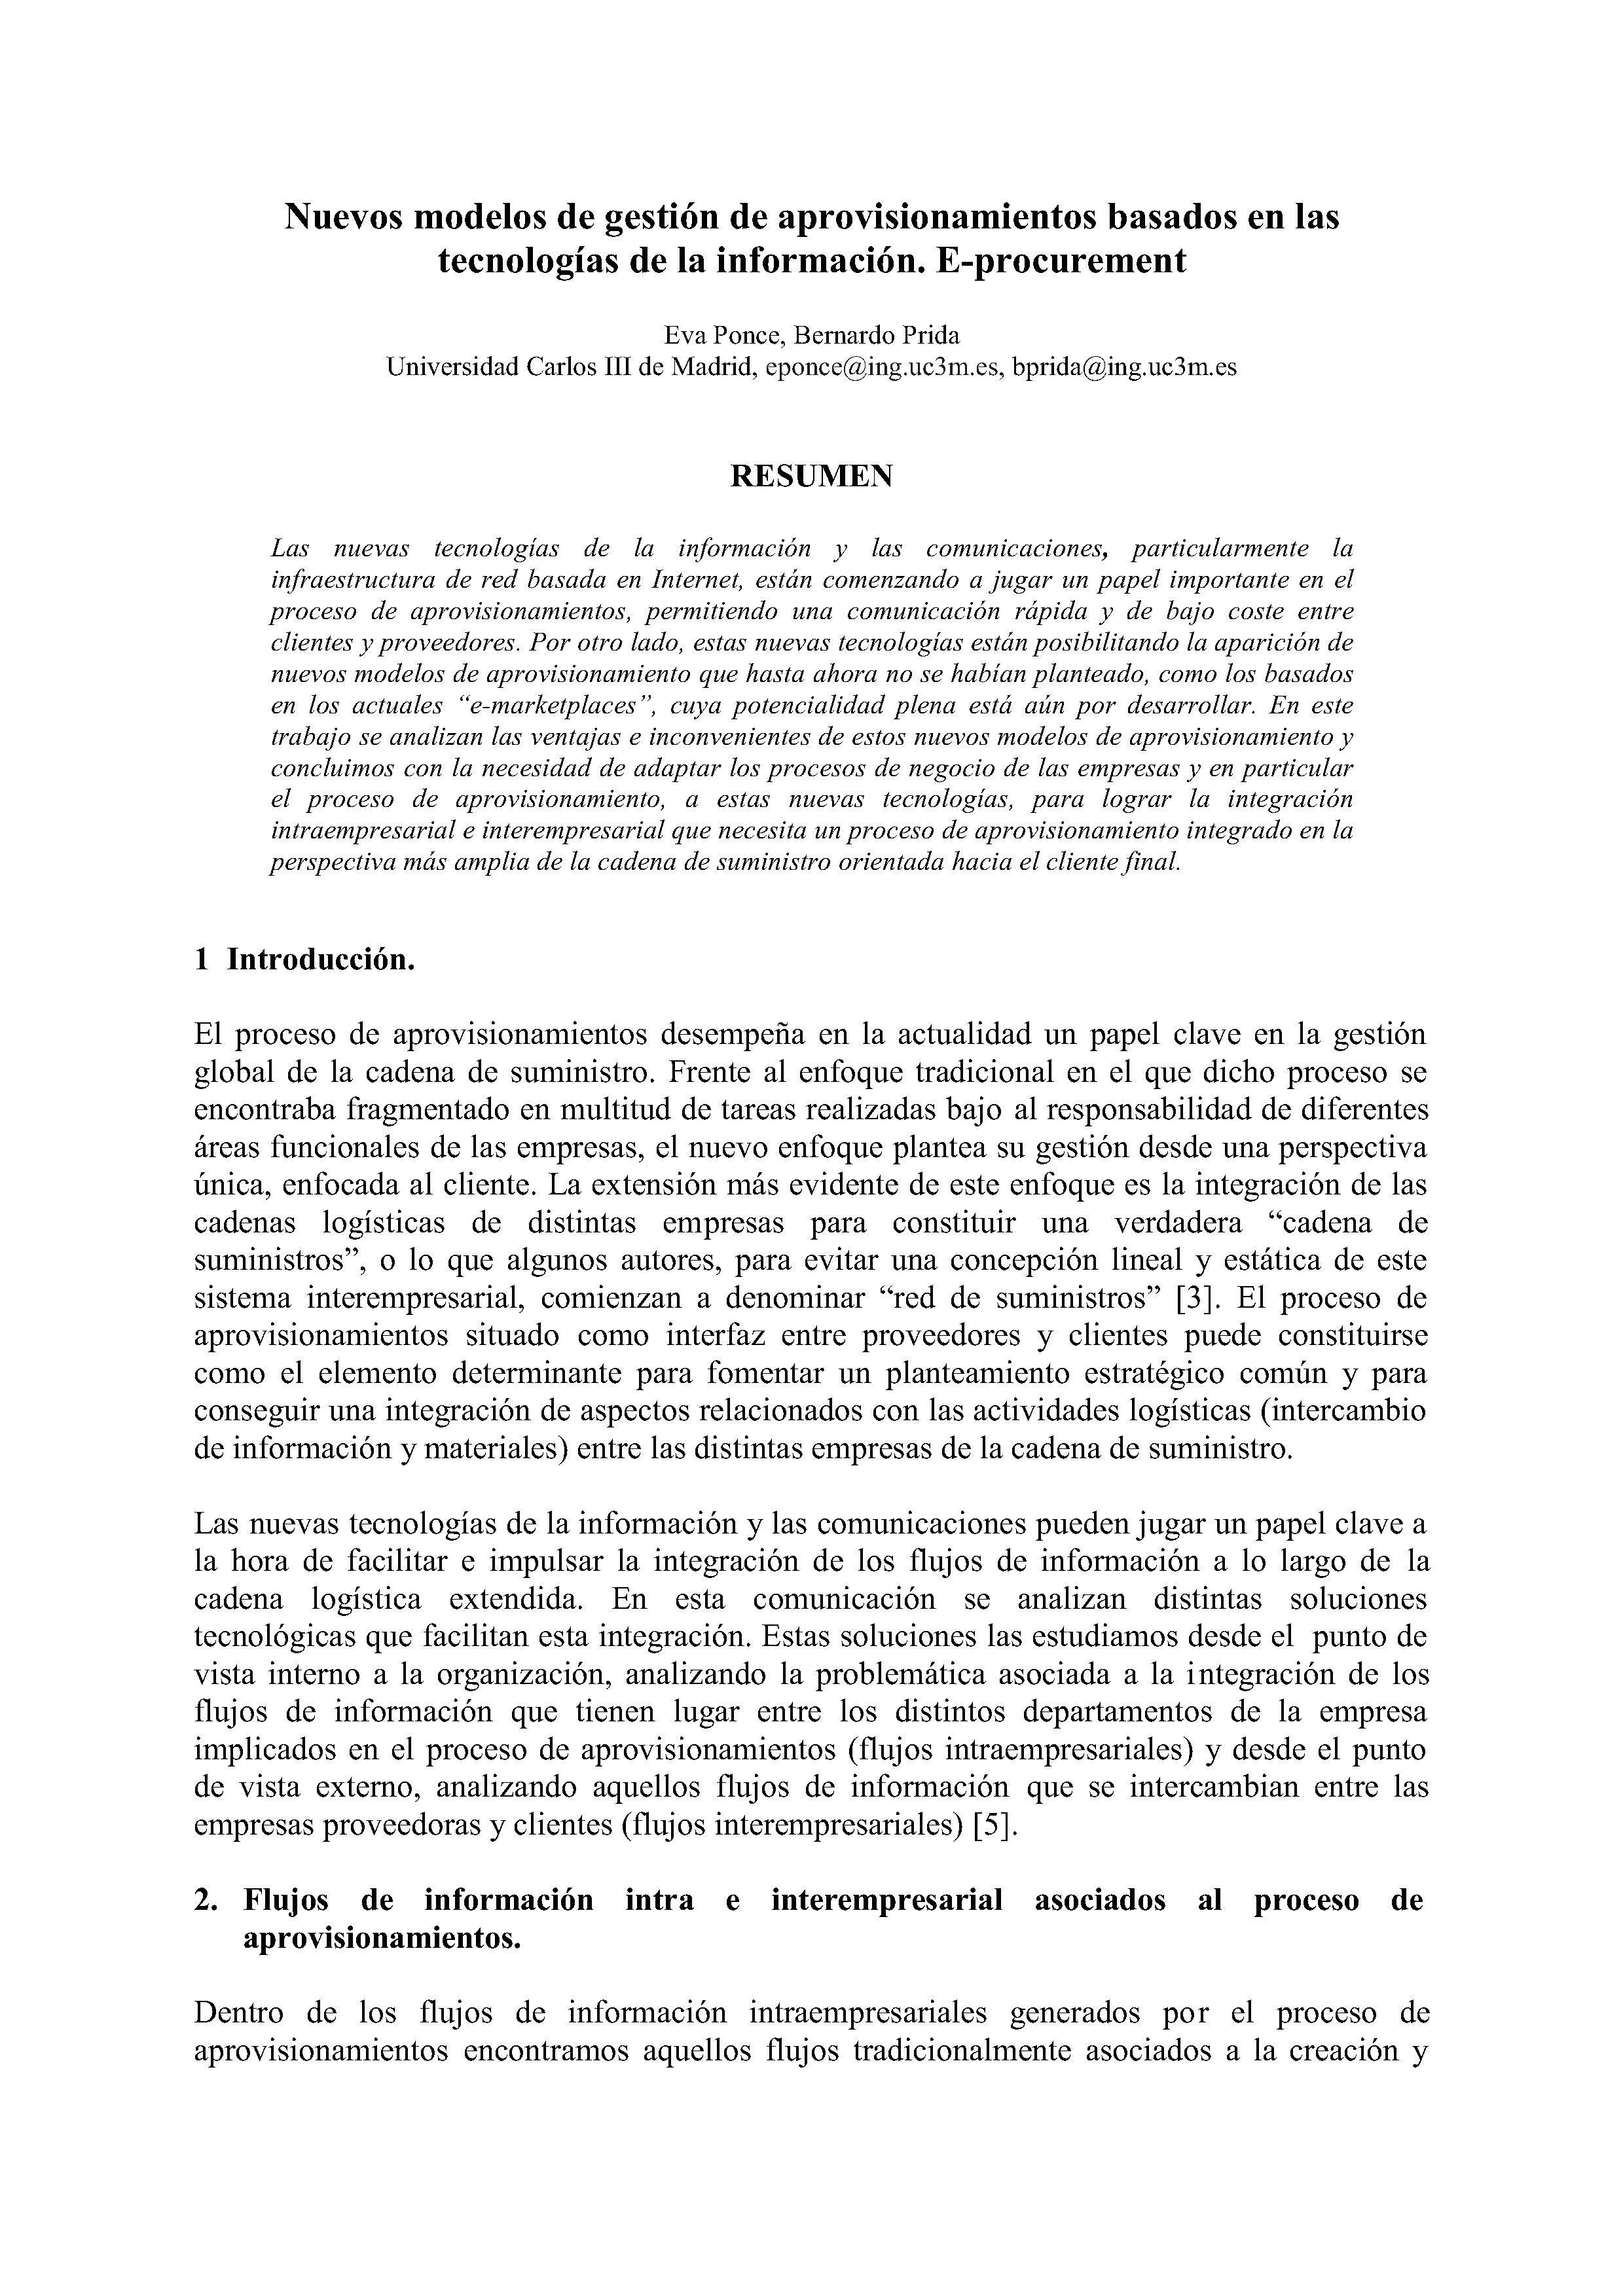 Nuevos modelos de gestión de aprovisionamientos basados en las tecnologías de la información. E-procurement